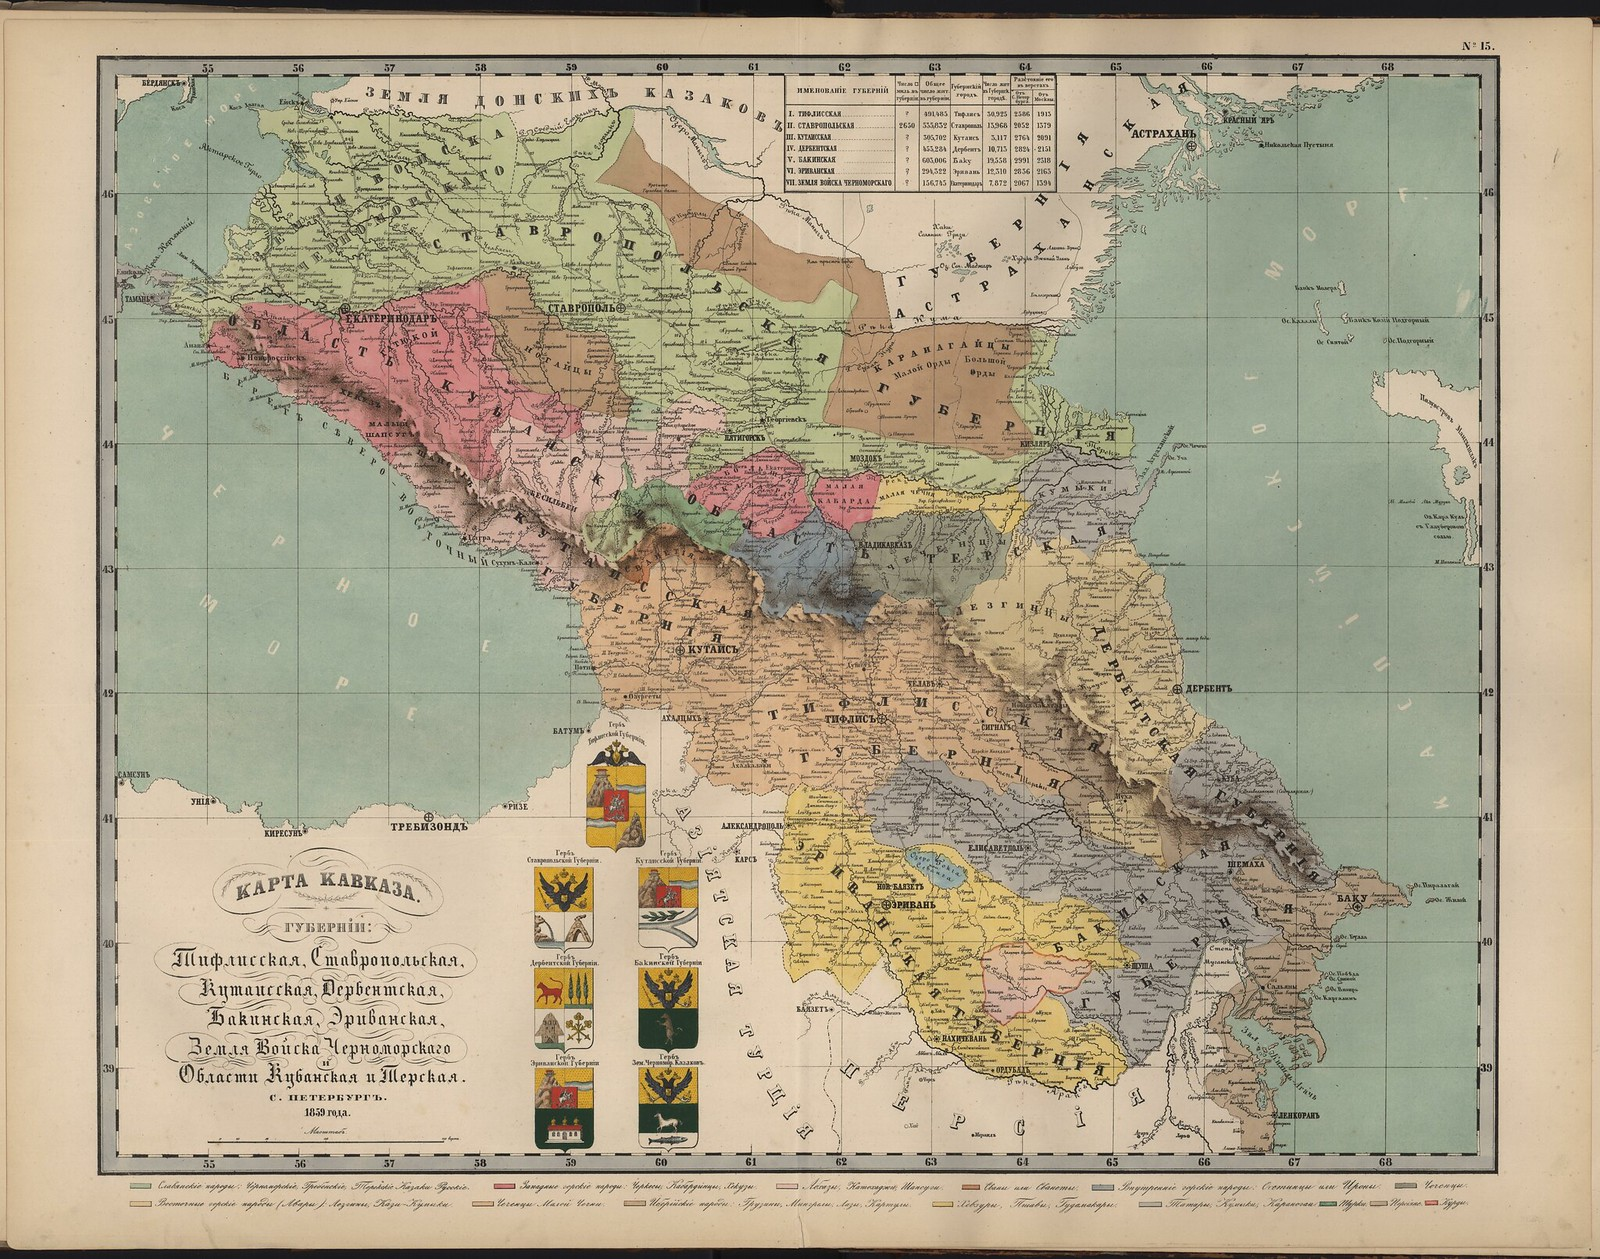 15-а. Карта Кавказа (этнографическая).